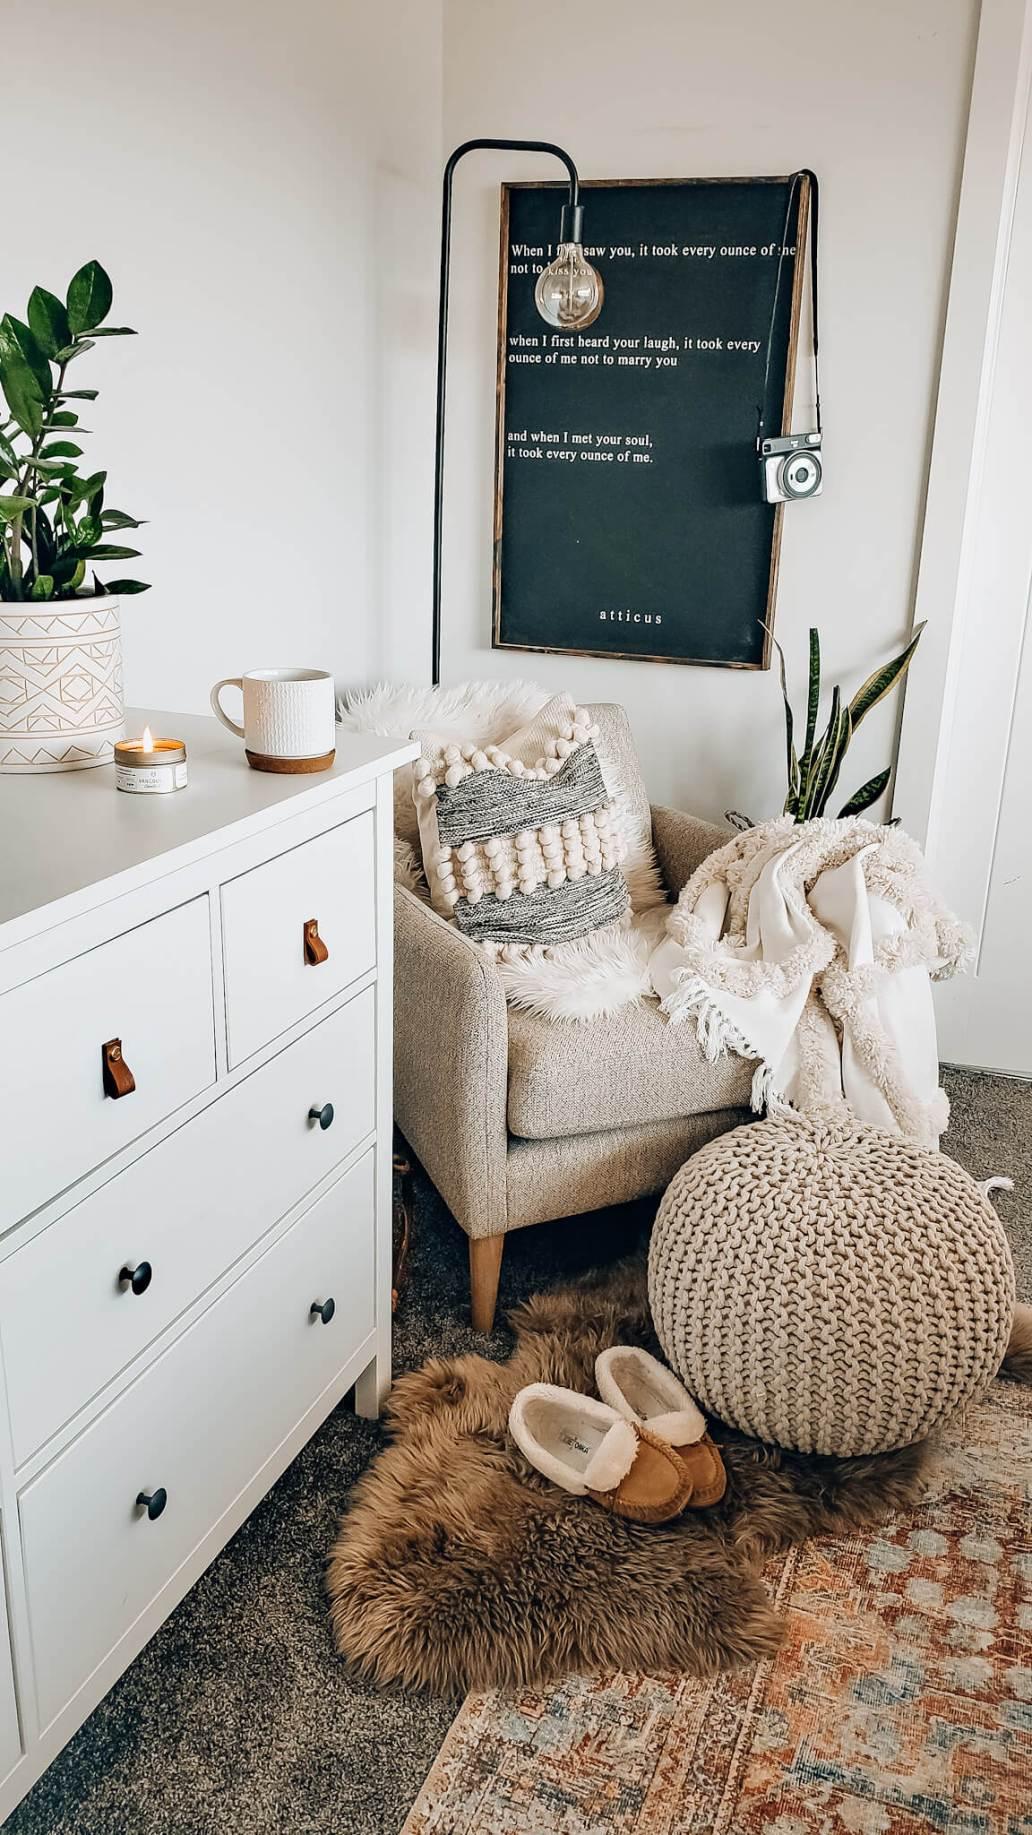 un coin lecture tres cocooning dans une chambre - Décoration Hygge : découvrez cette philosophie de vie venue du Danemark